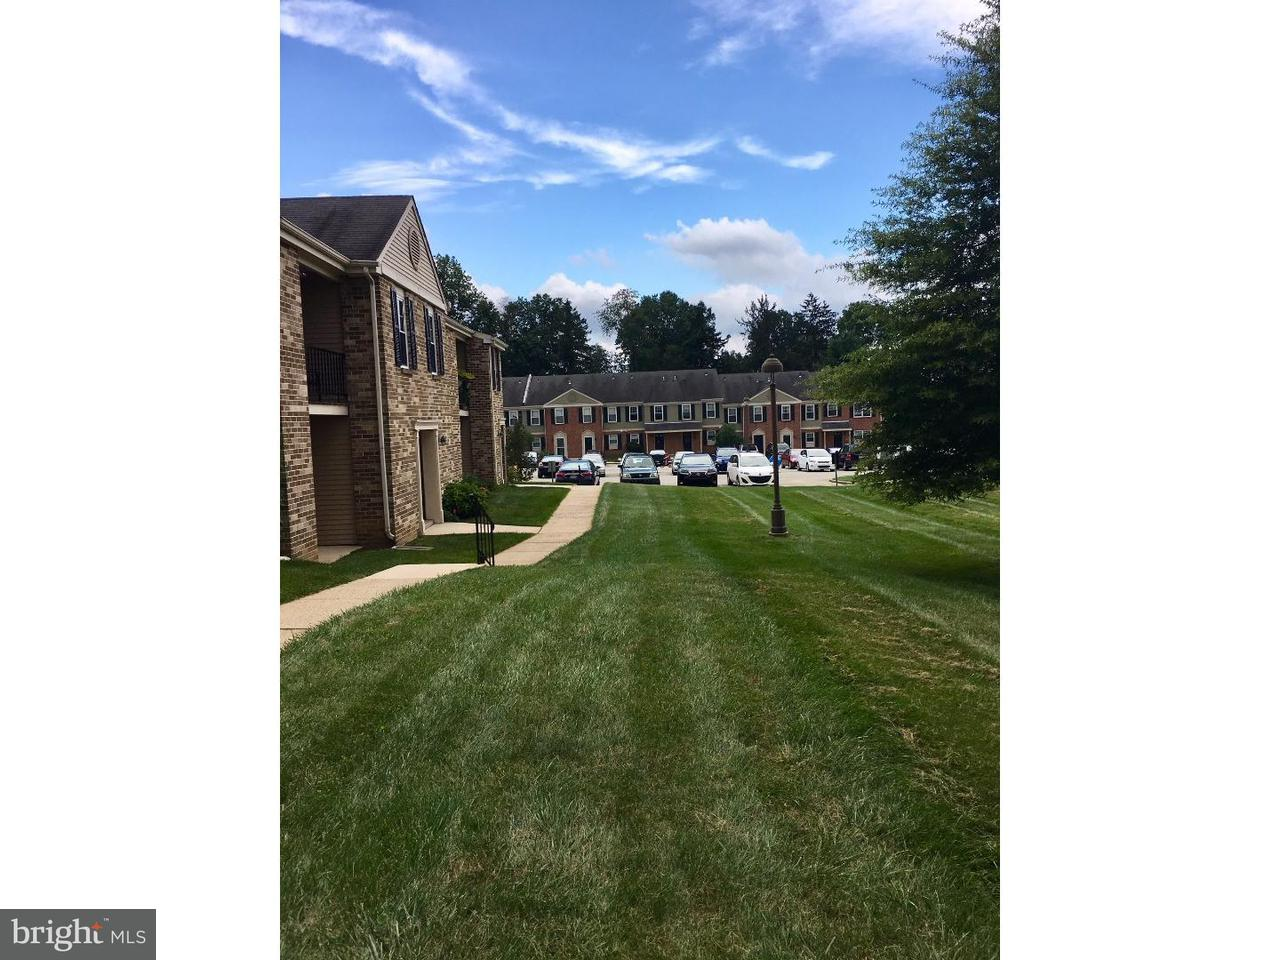 Частный односемейный дом для того Аренда на 66 RAMSGATE Court Blue Bell, Пенсильвания 19422 Соединенные Штаты